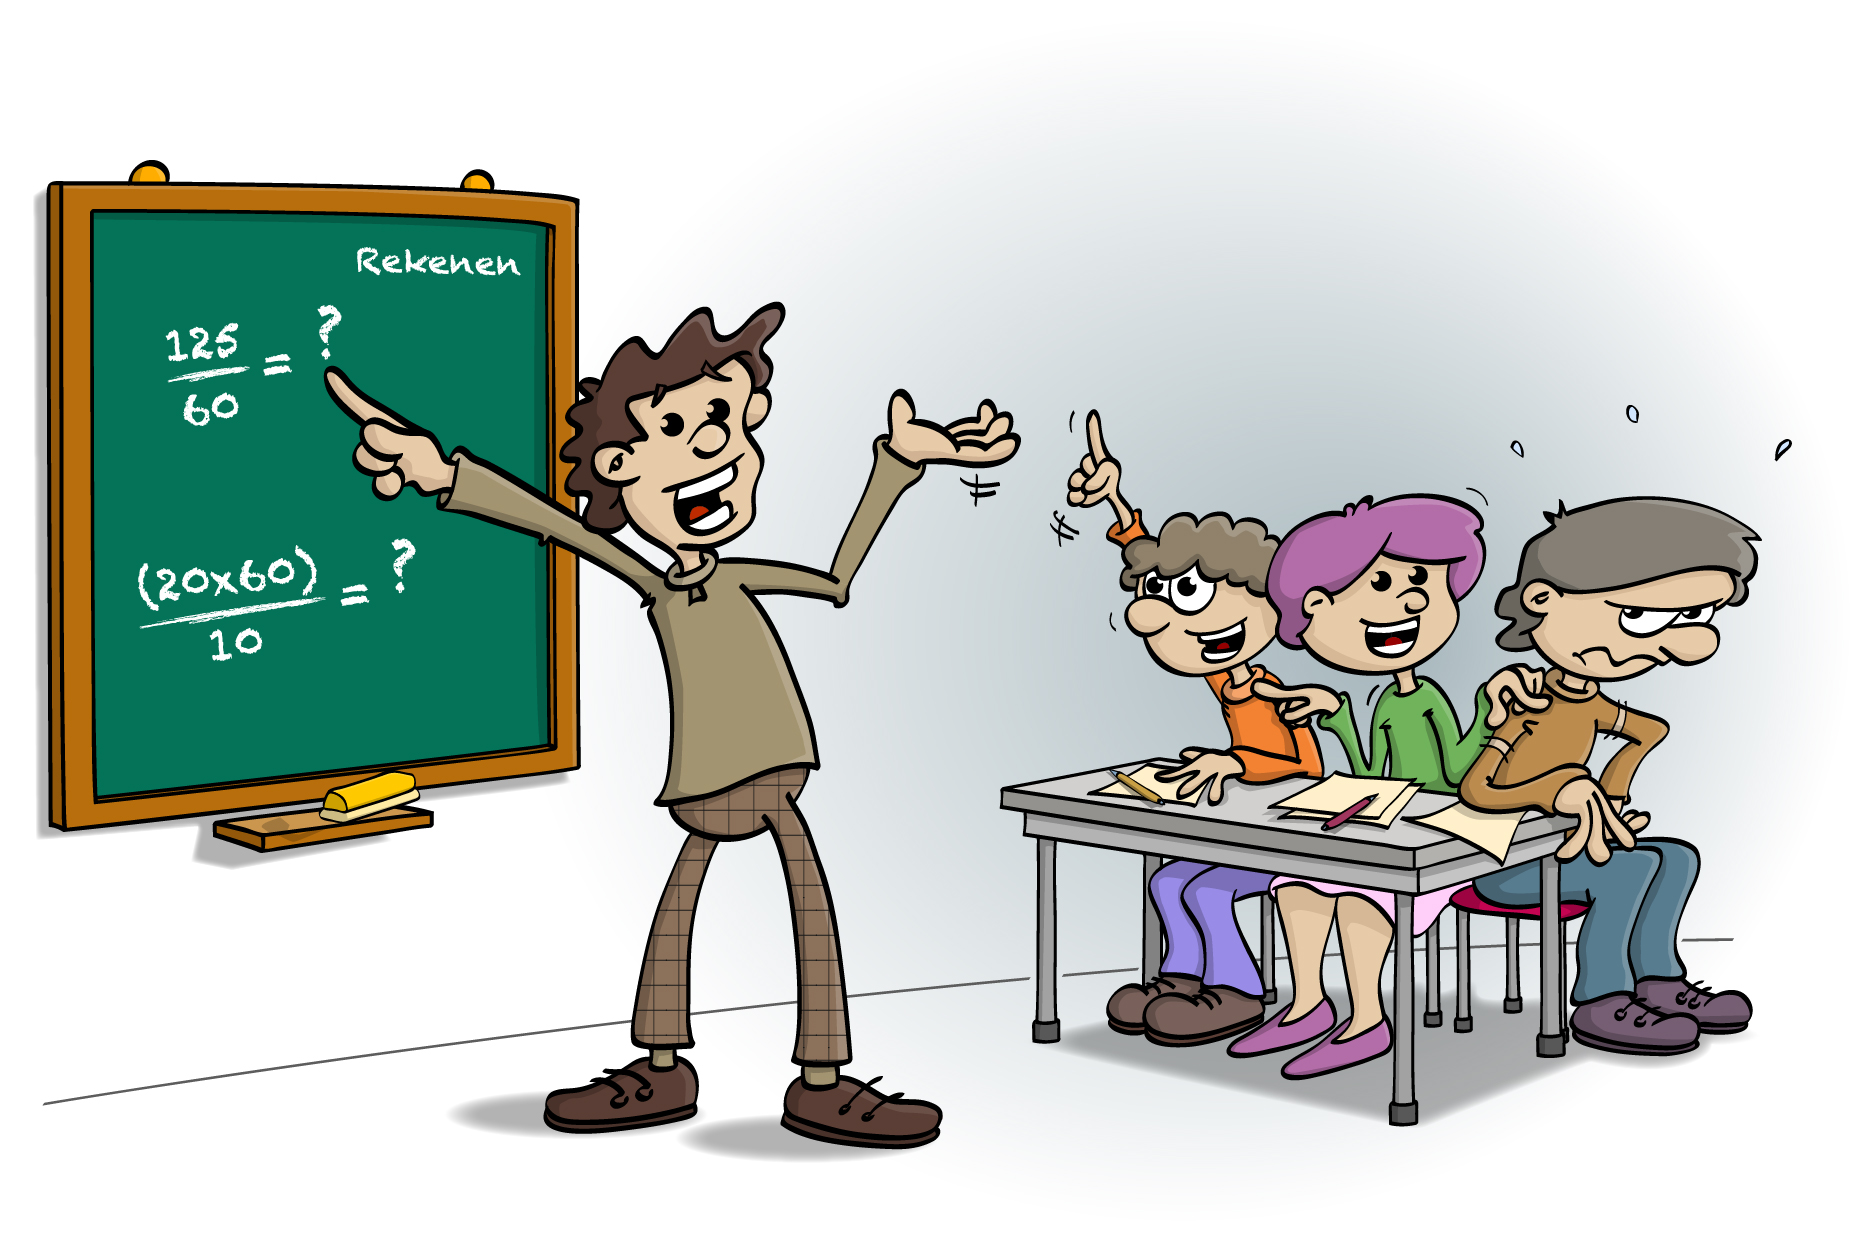 Educatieve Illustratie voor lesboek; Iedereen kan leren rekenen